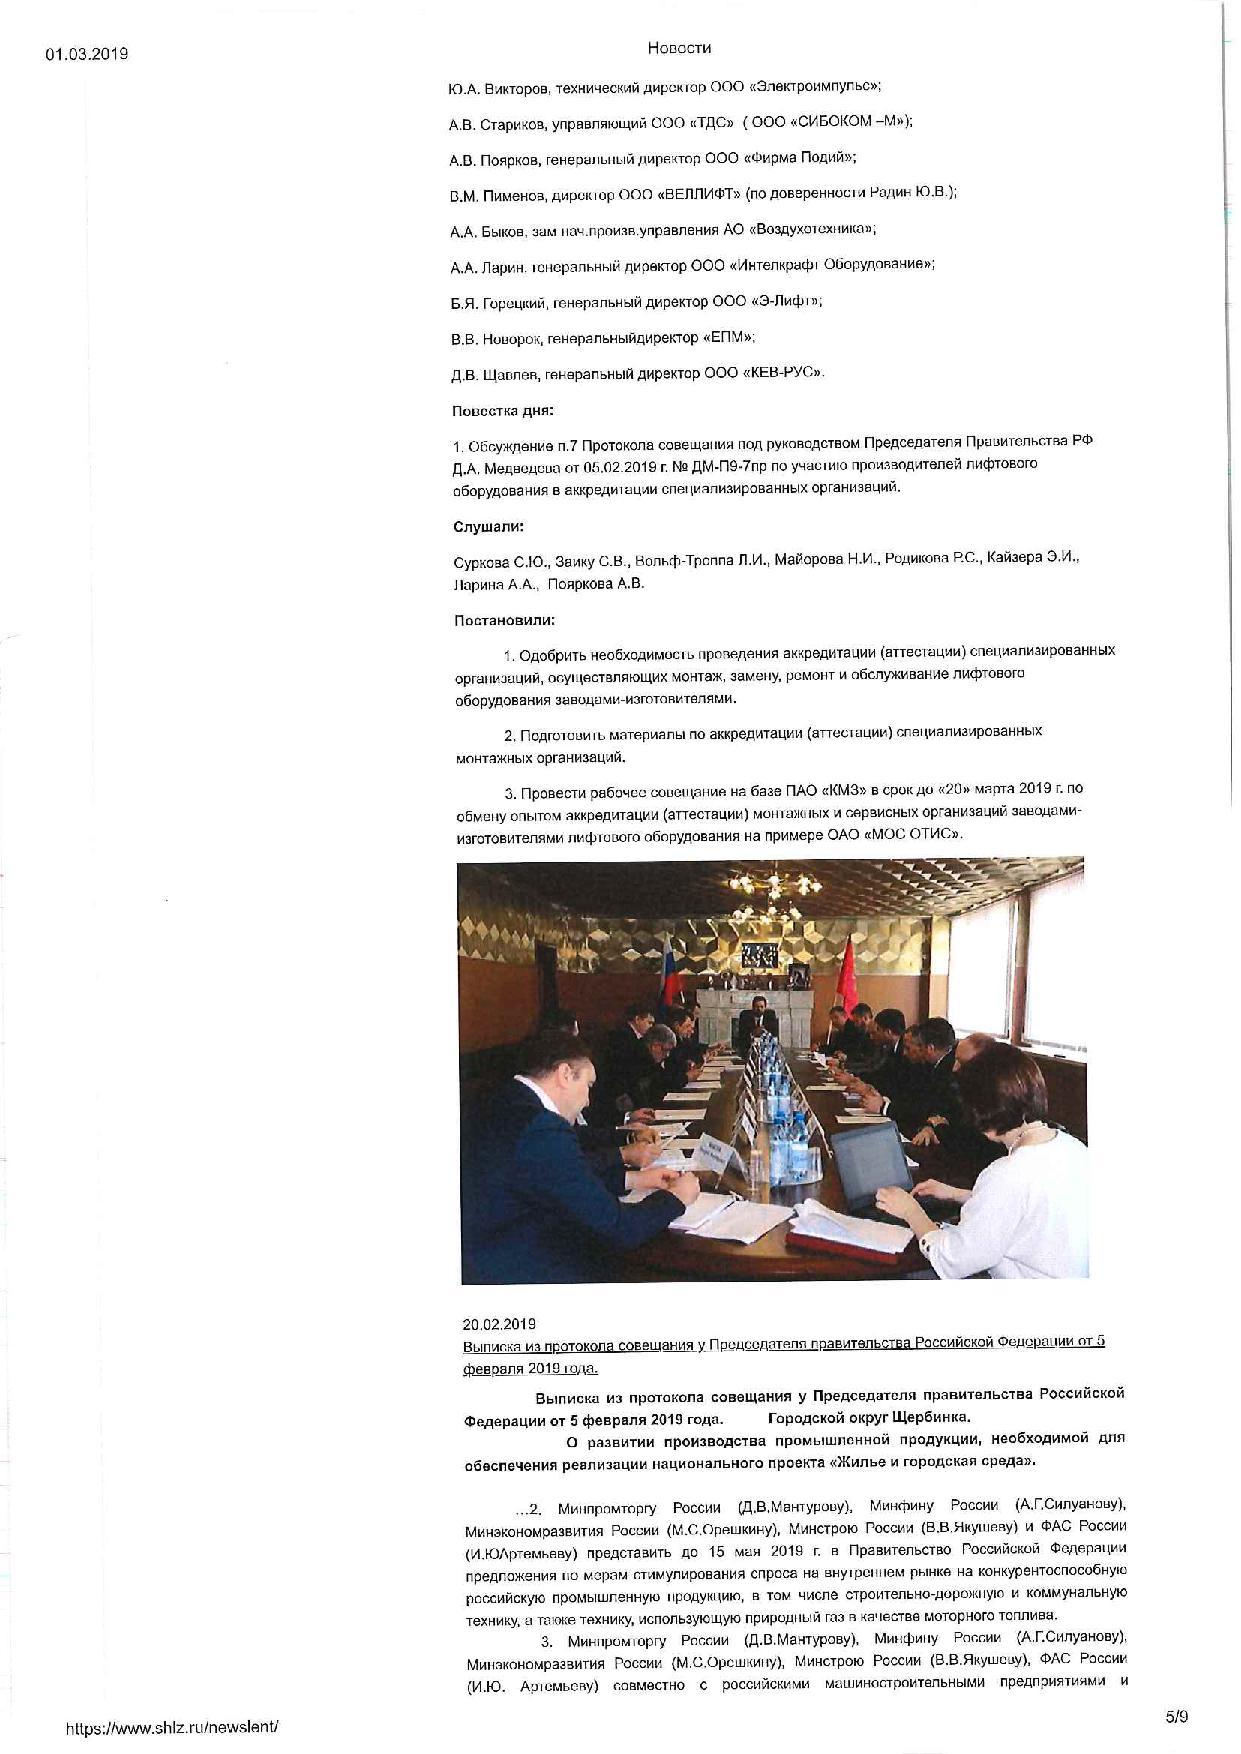 ОАО «Щербинский лифтостроительный завод», 28.02.2019 г. разместил на своем сайте «совместное заявление директоров ПАО «Карачаровский механический завод», ОАО «Московское электрооборудование и лифты» и ОАО «Щербинский лифтостроительный завод»